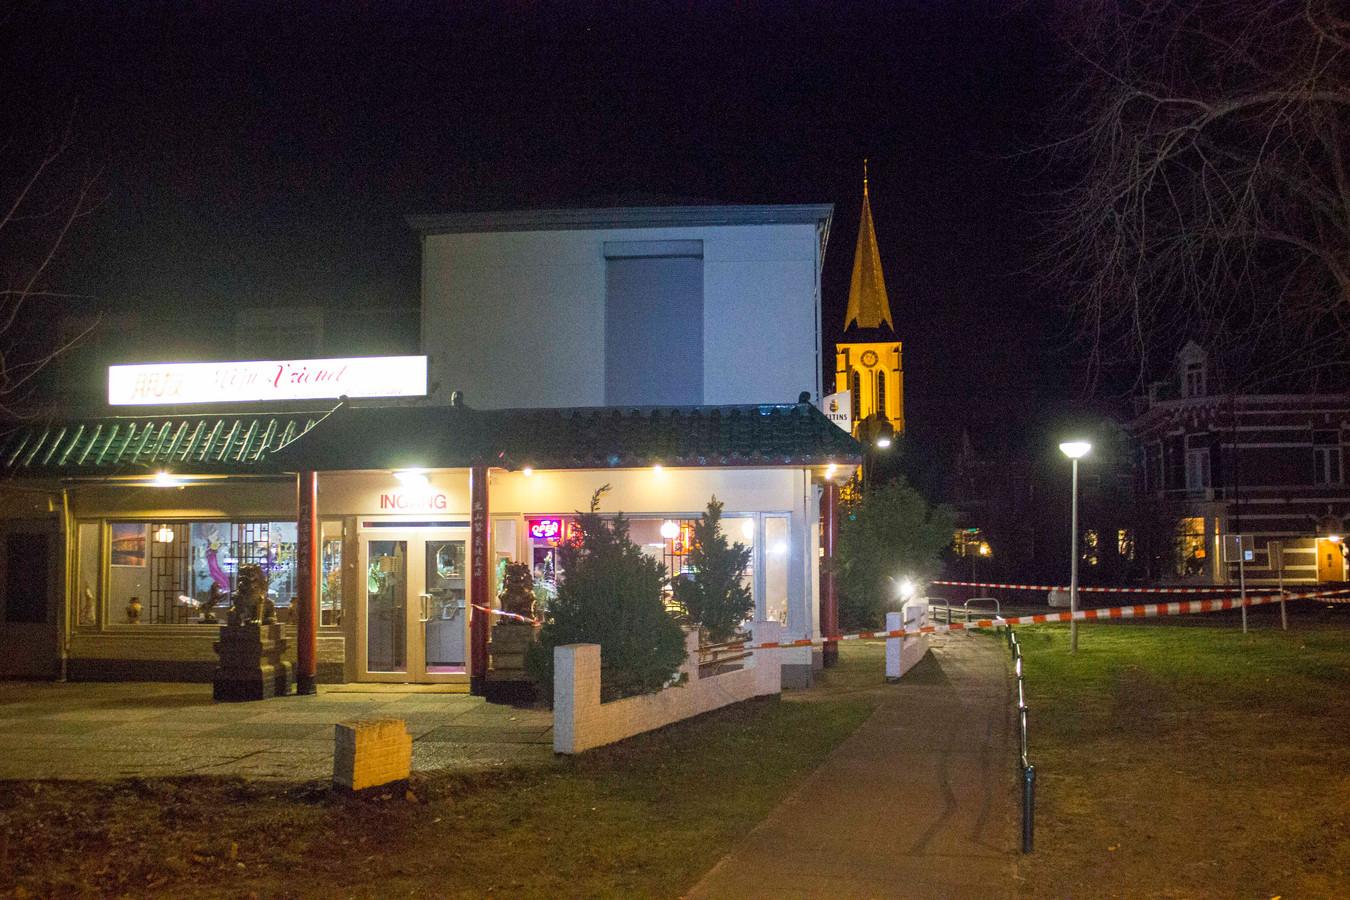 Chinees Restaurant Mijn Vriend aan de Doesburgsedijk in Dieren is zondagavond overvallen.